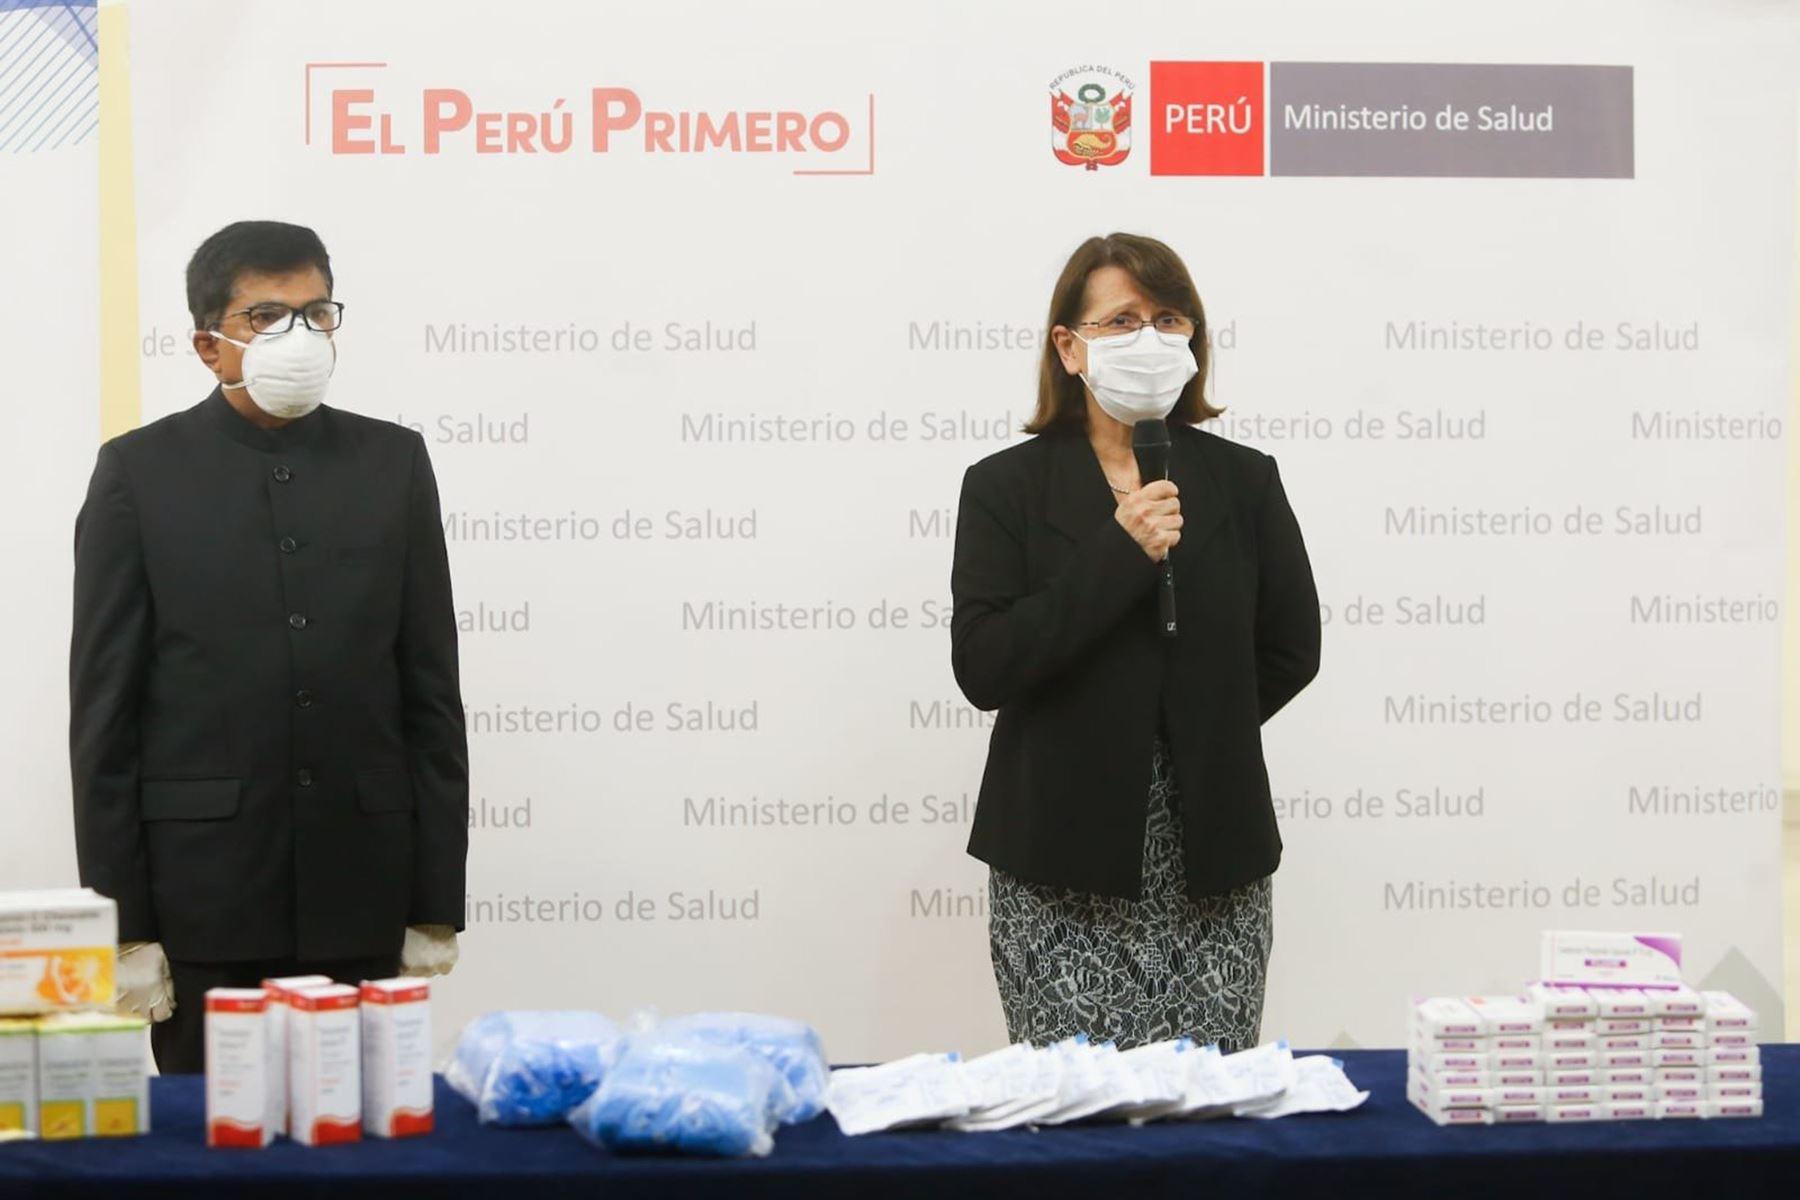 La ministra de Salud, Pilar Mazzetti sostuvo una reunión con el  embajador de la India en el Perú, Mandarapu Subbarayudu. Trabajarán para revalorar la medicina tradicional peruana frente a la lucha contra el covid-19. Foto: Minsa